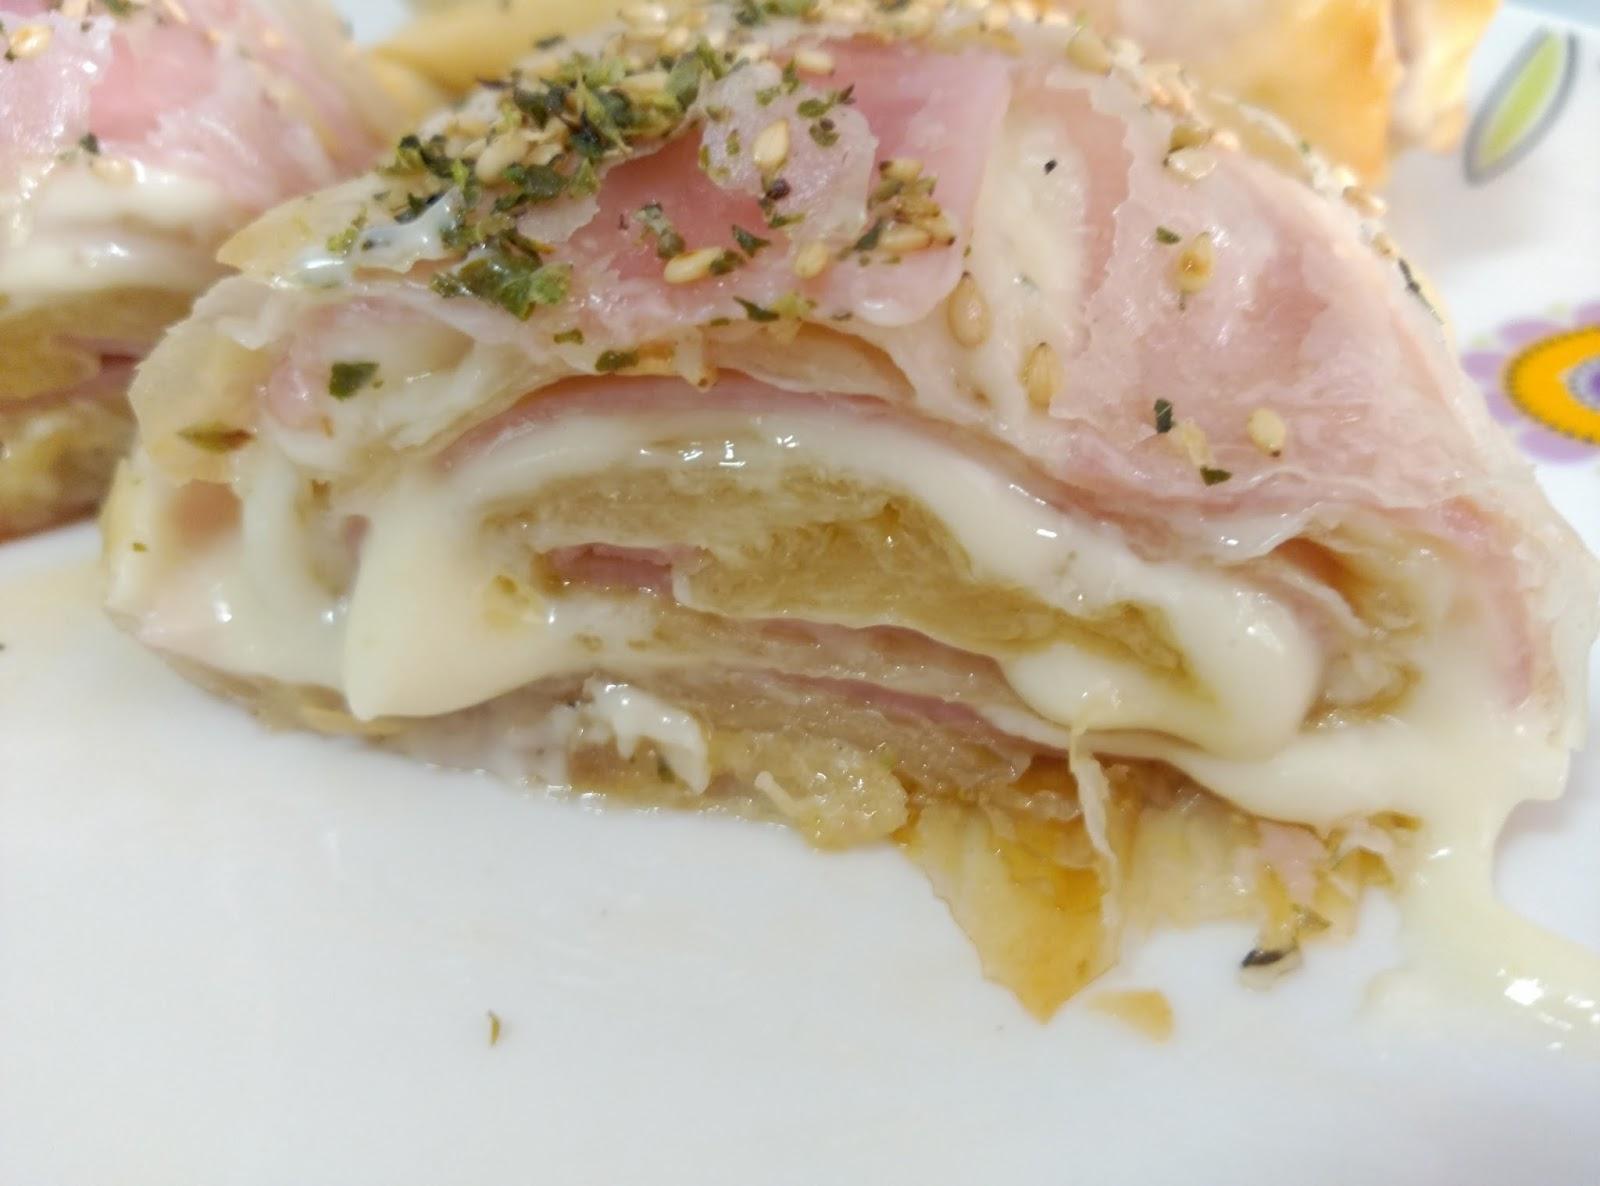 Rollitos de jamón y queso  IMG_20160512_131217